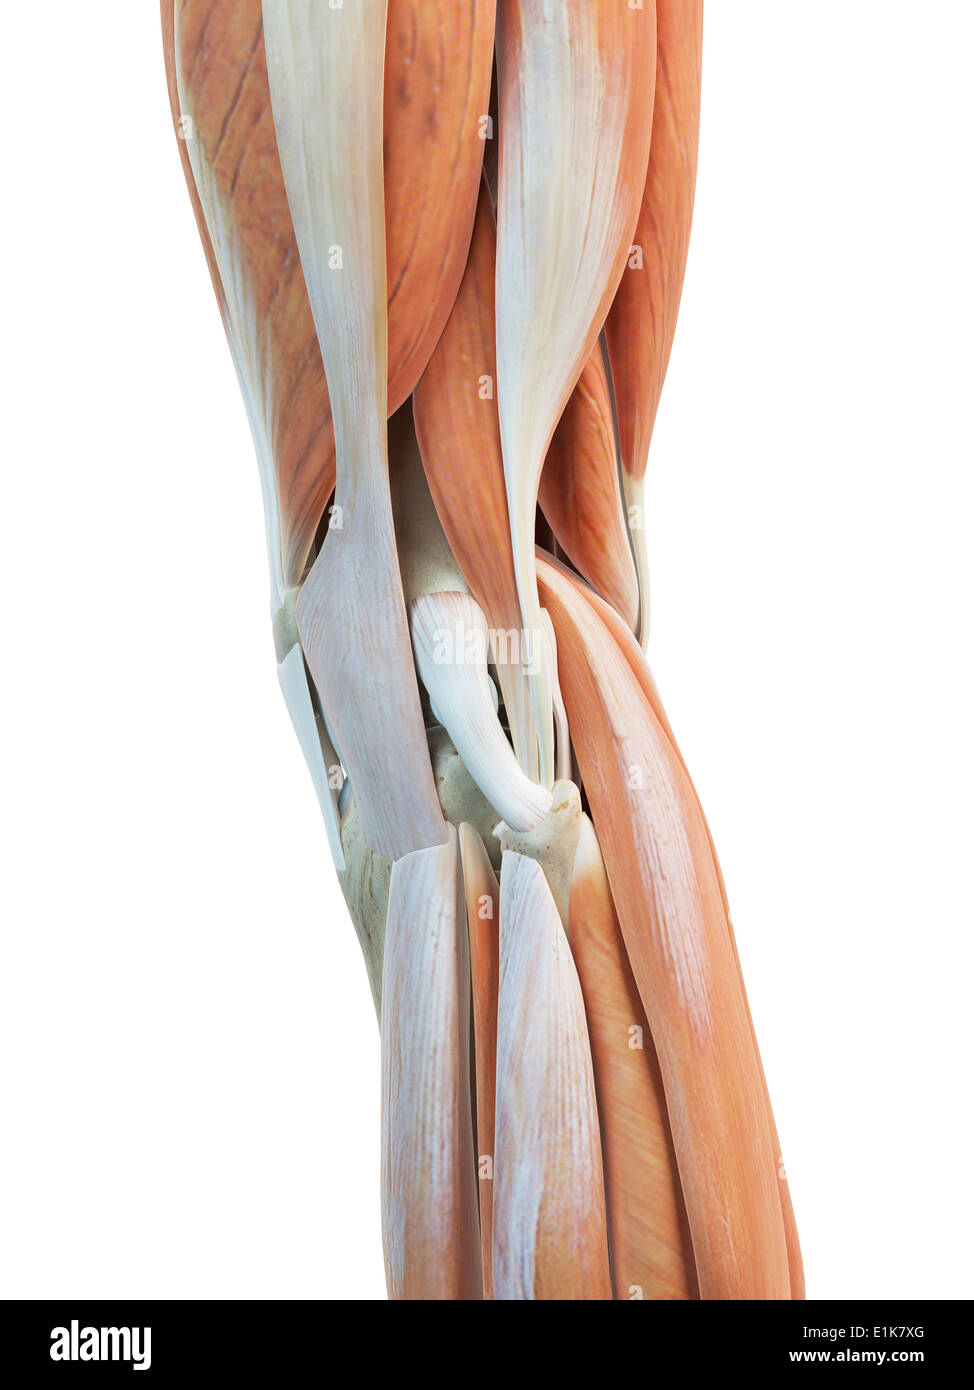 Ziemlich Knie Fächer Anatomie Fotos - Menschliche Anatomie Bilder ...